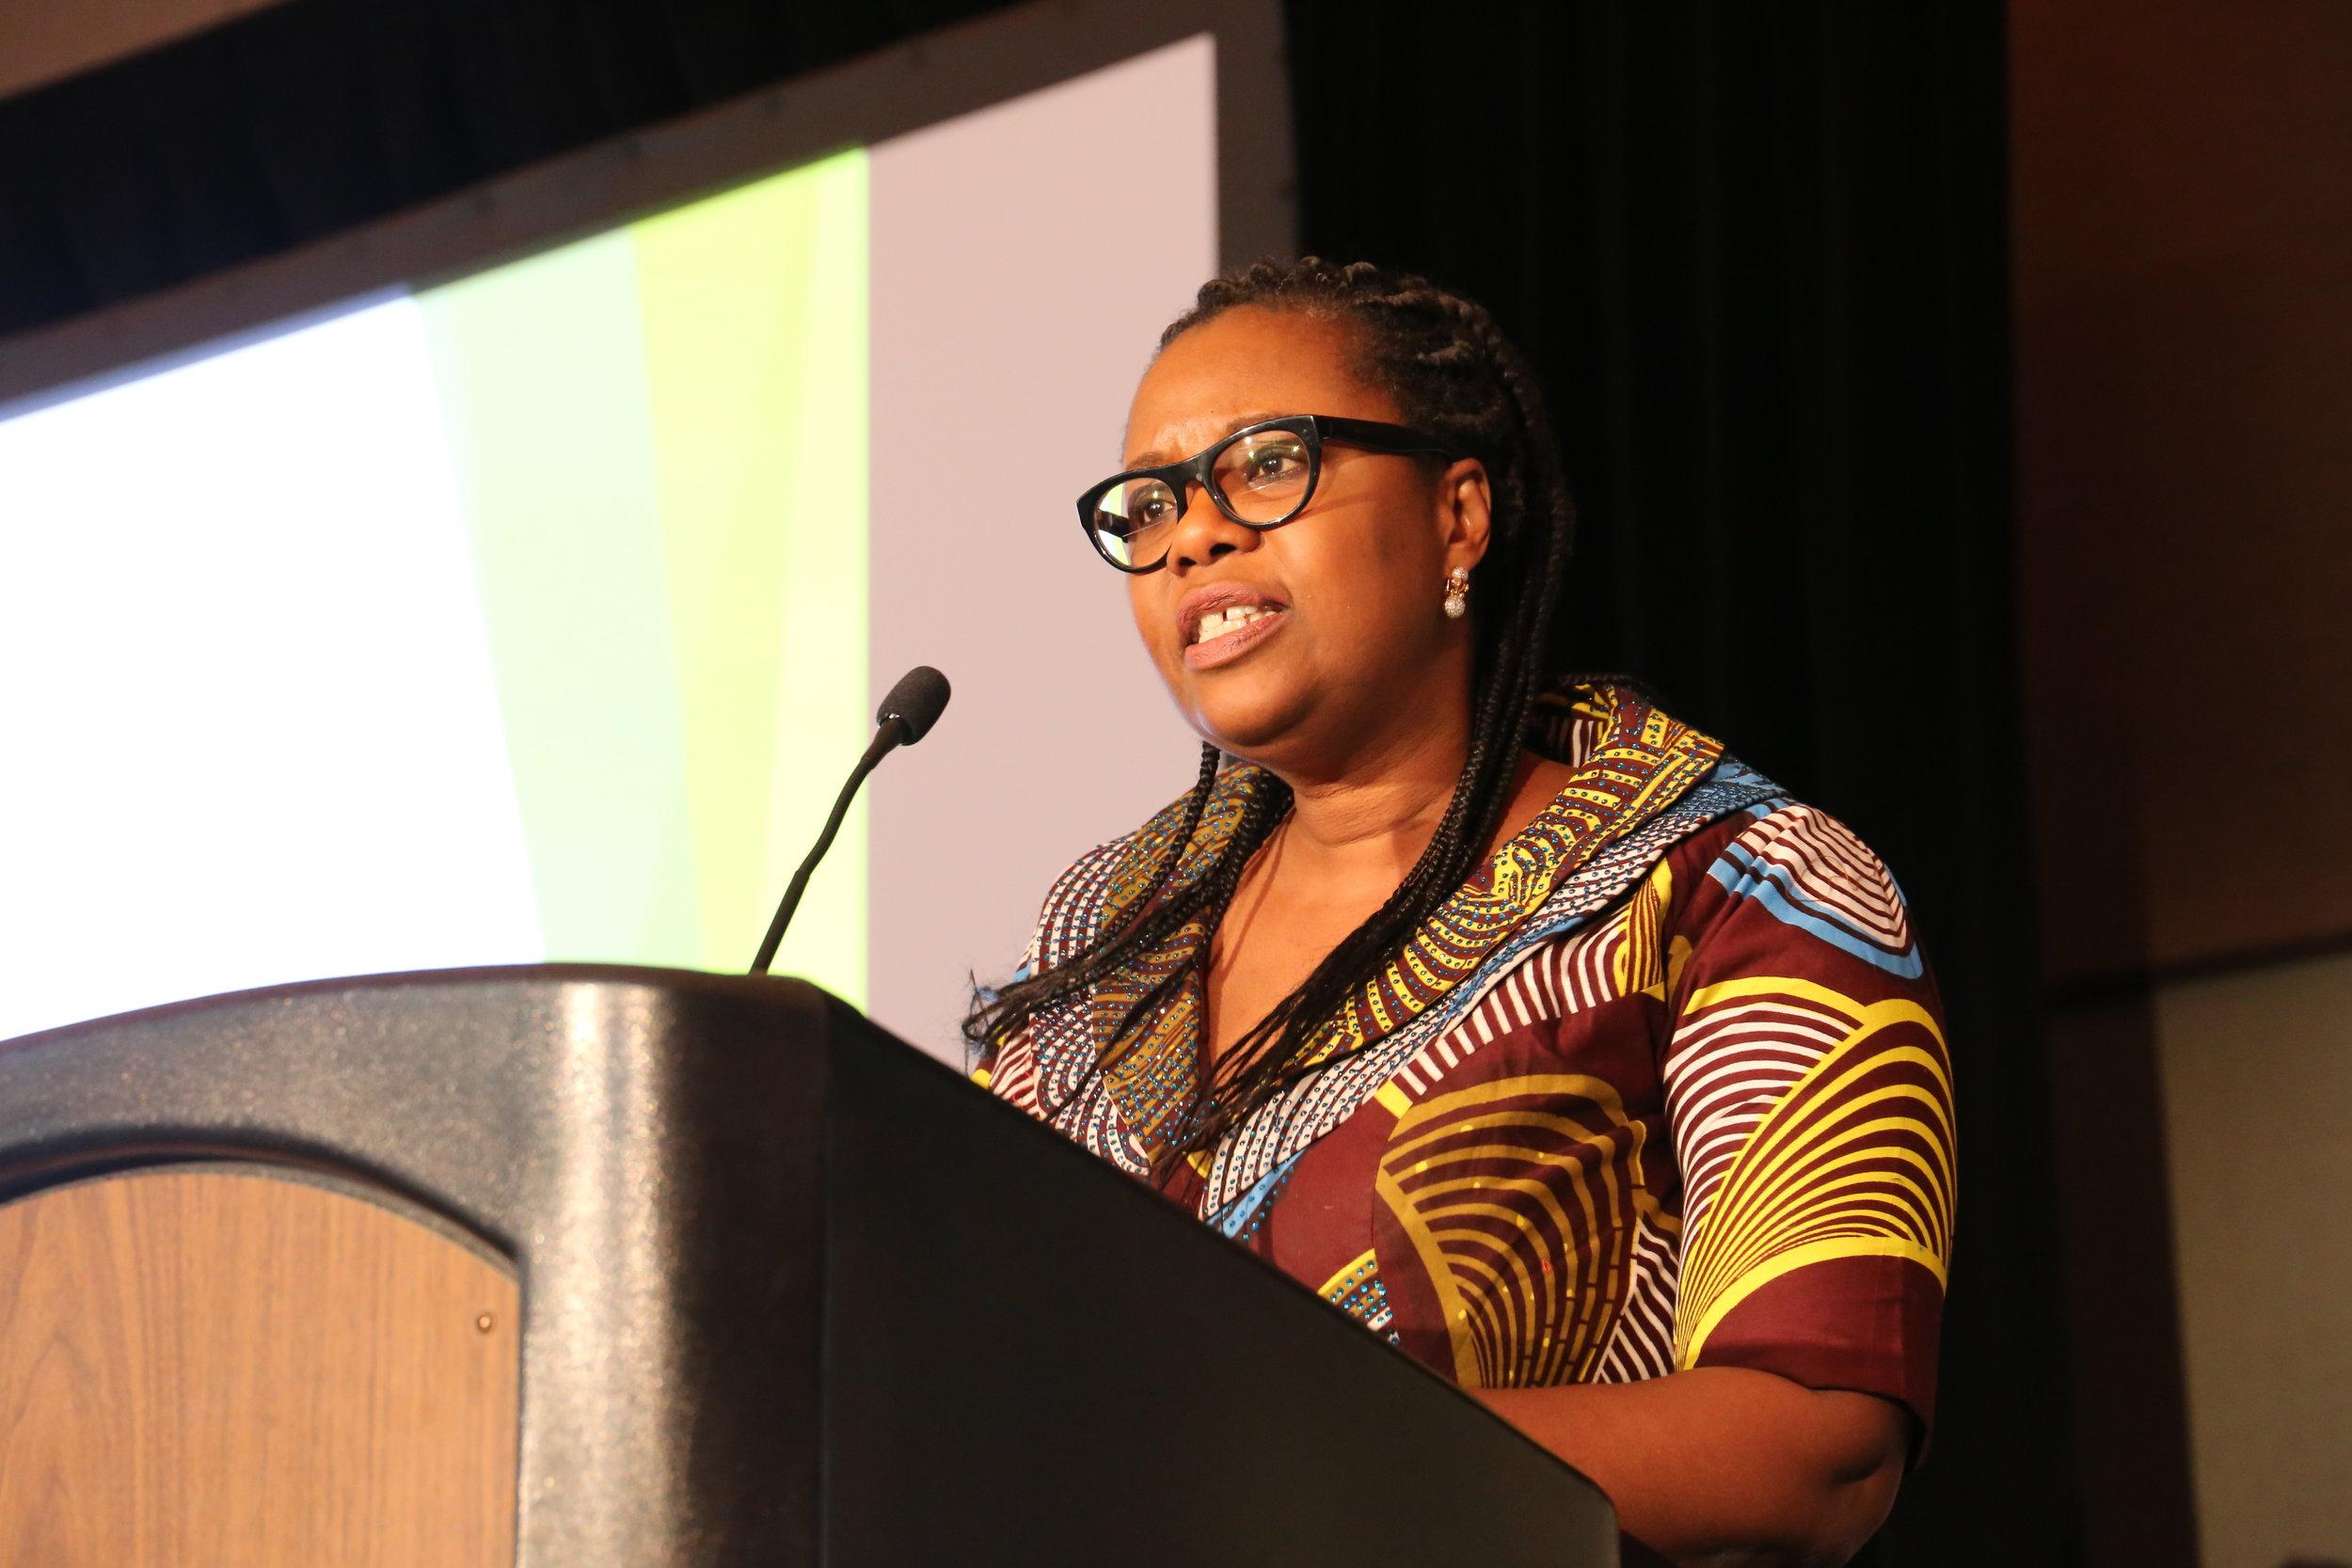 Keynote Speaker Dr. Adetutu Adetona of the Lansingburgh Family Practice in Troy, NY